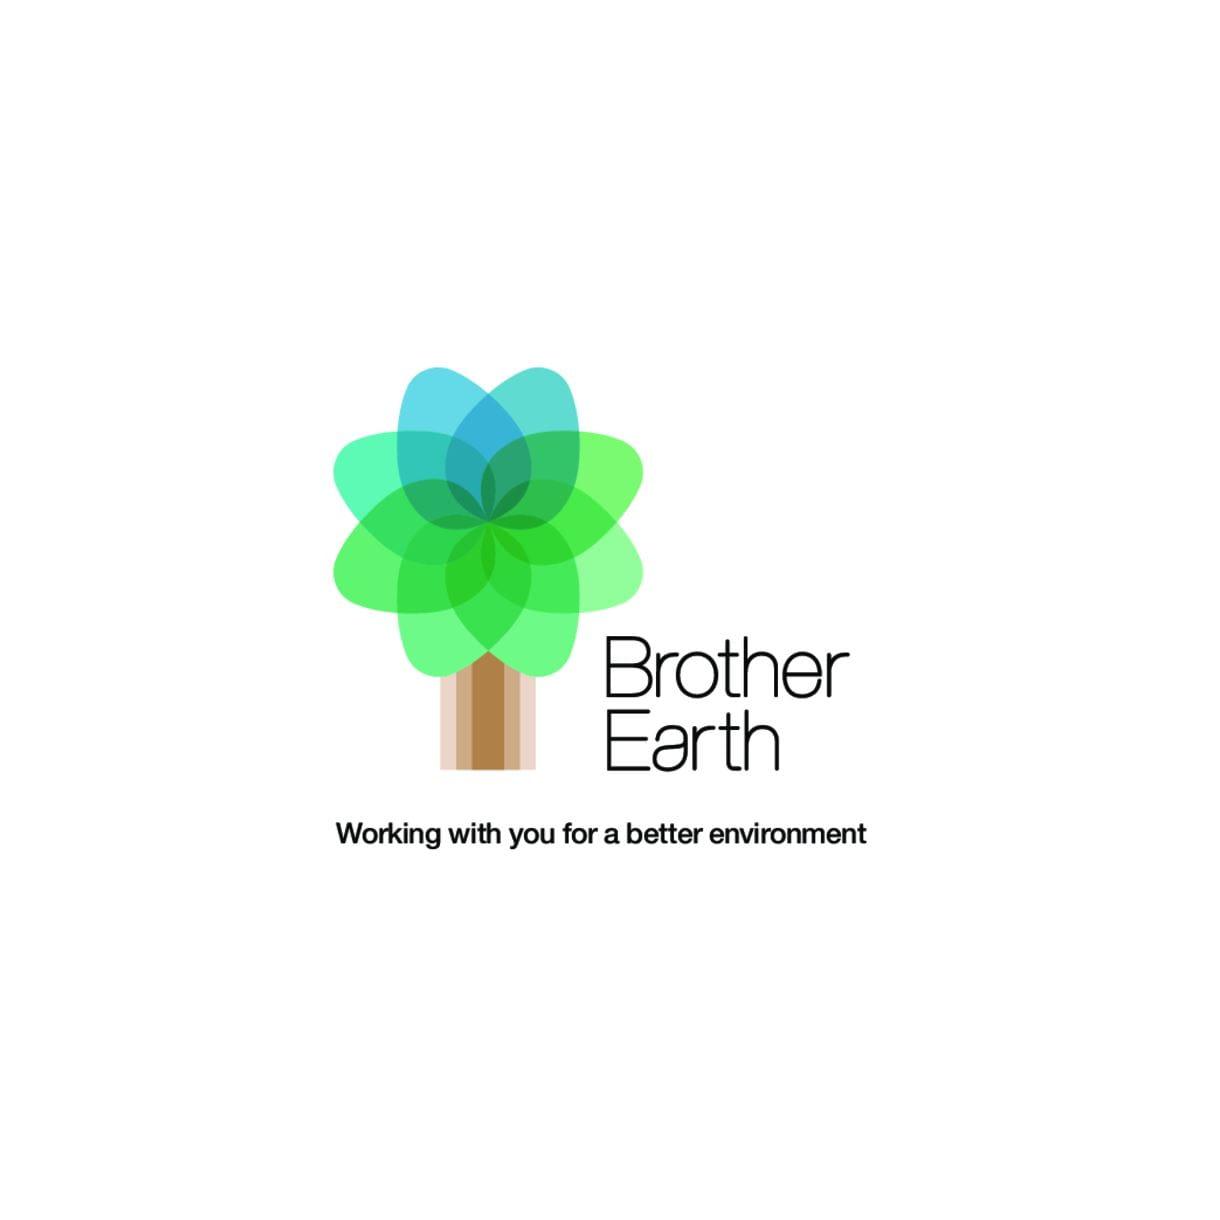 Brother Earth cu mesaj